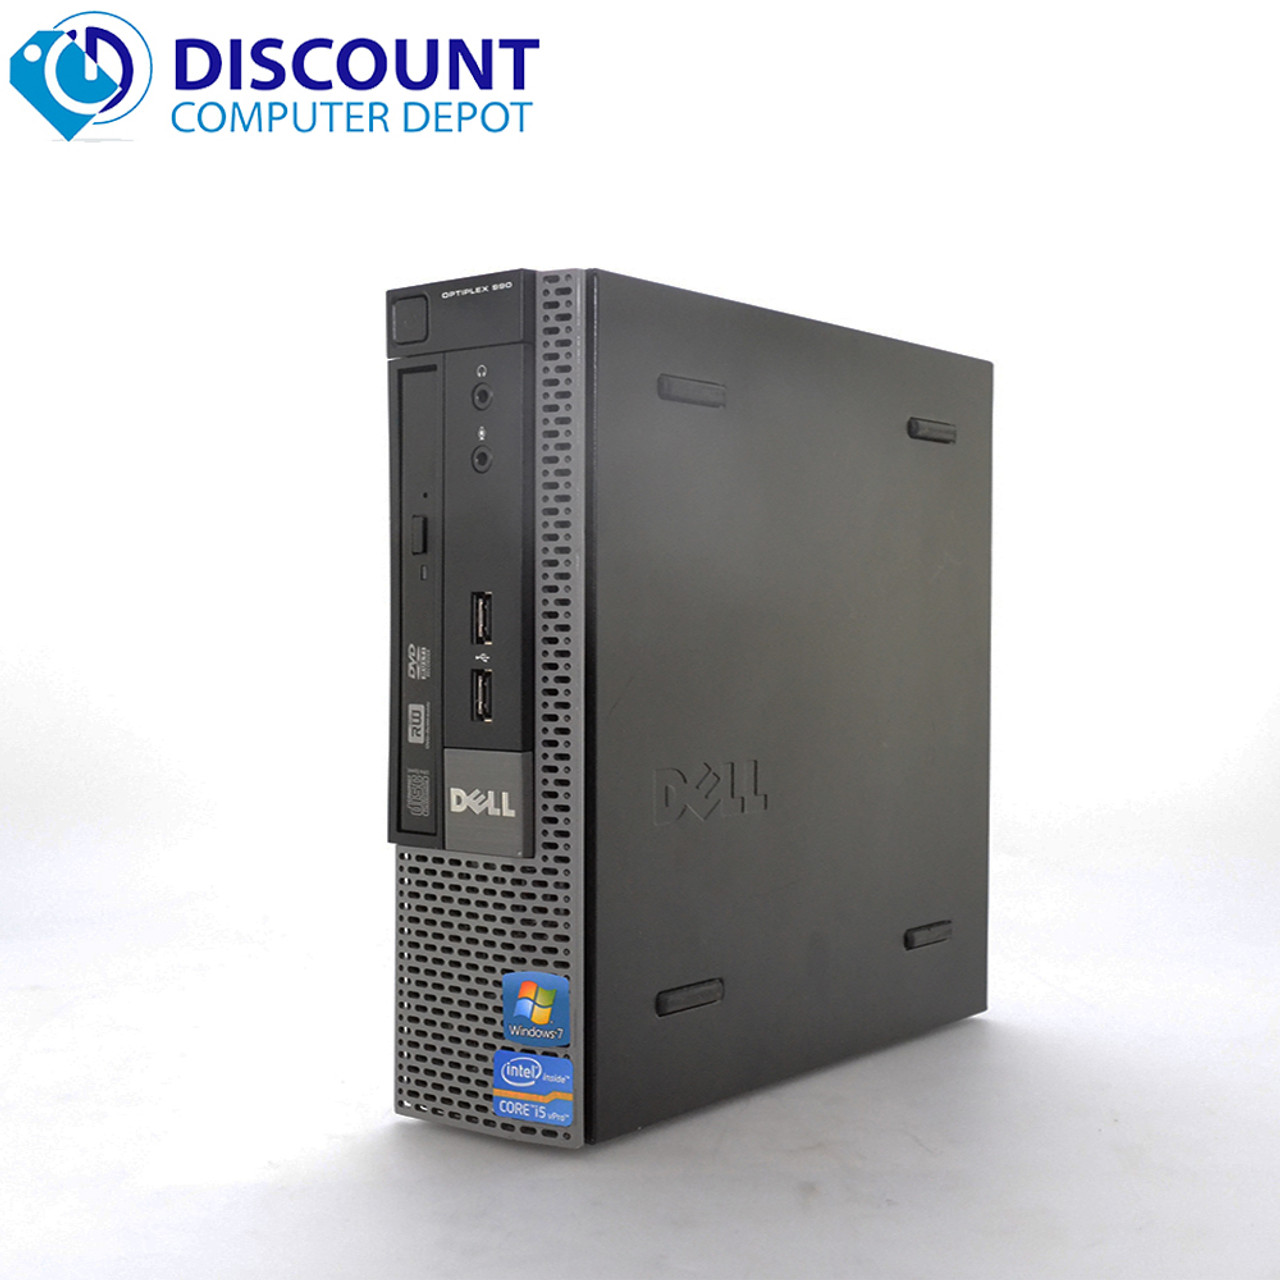 Dell Optiplex 990 USFF Desktop PC Computer Windows 10 Core i5 4GB 250GB WiFi